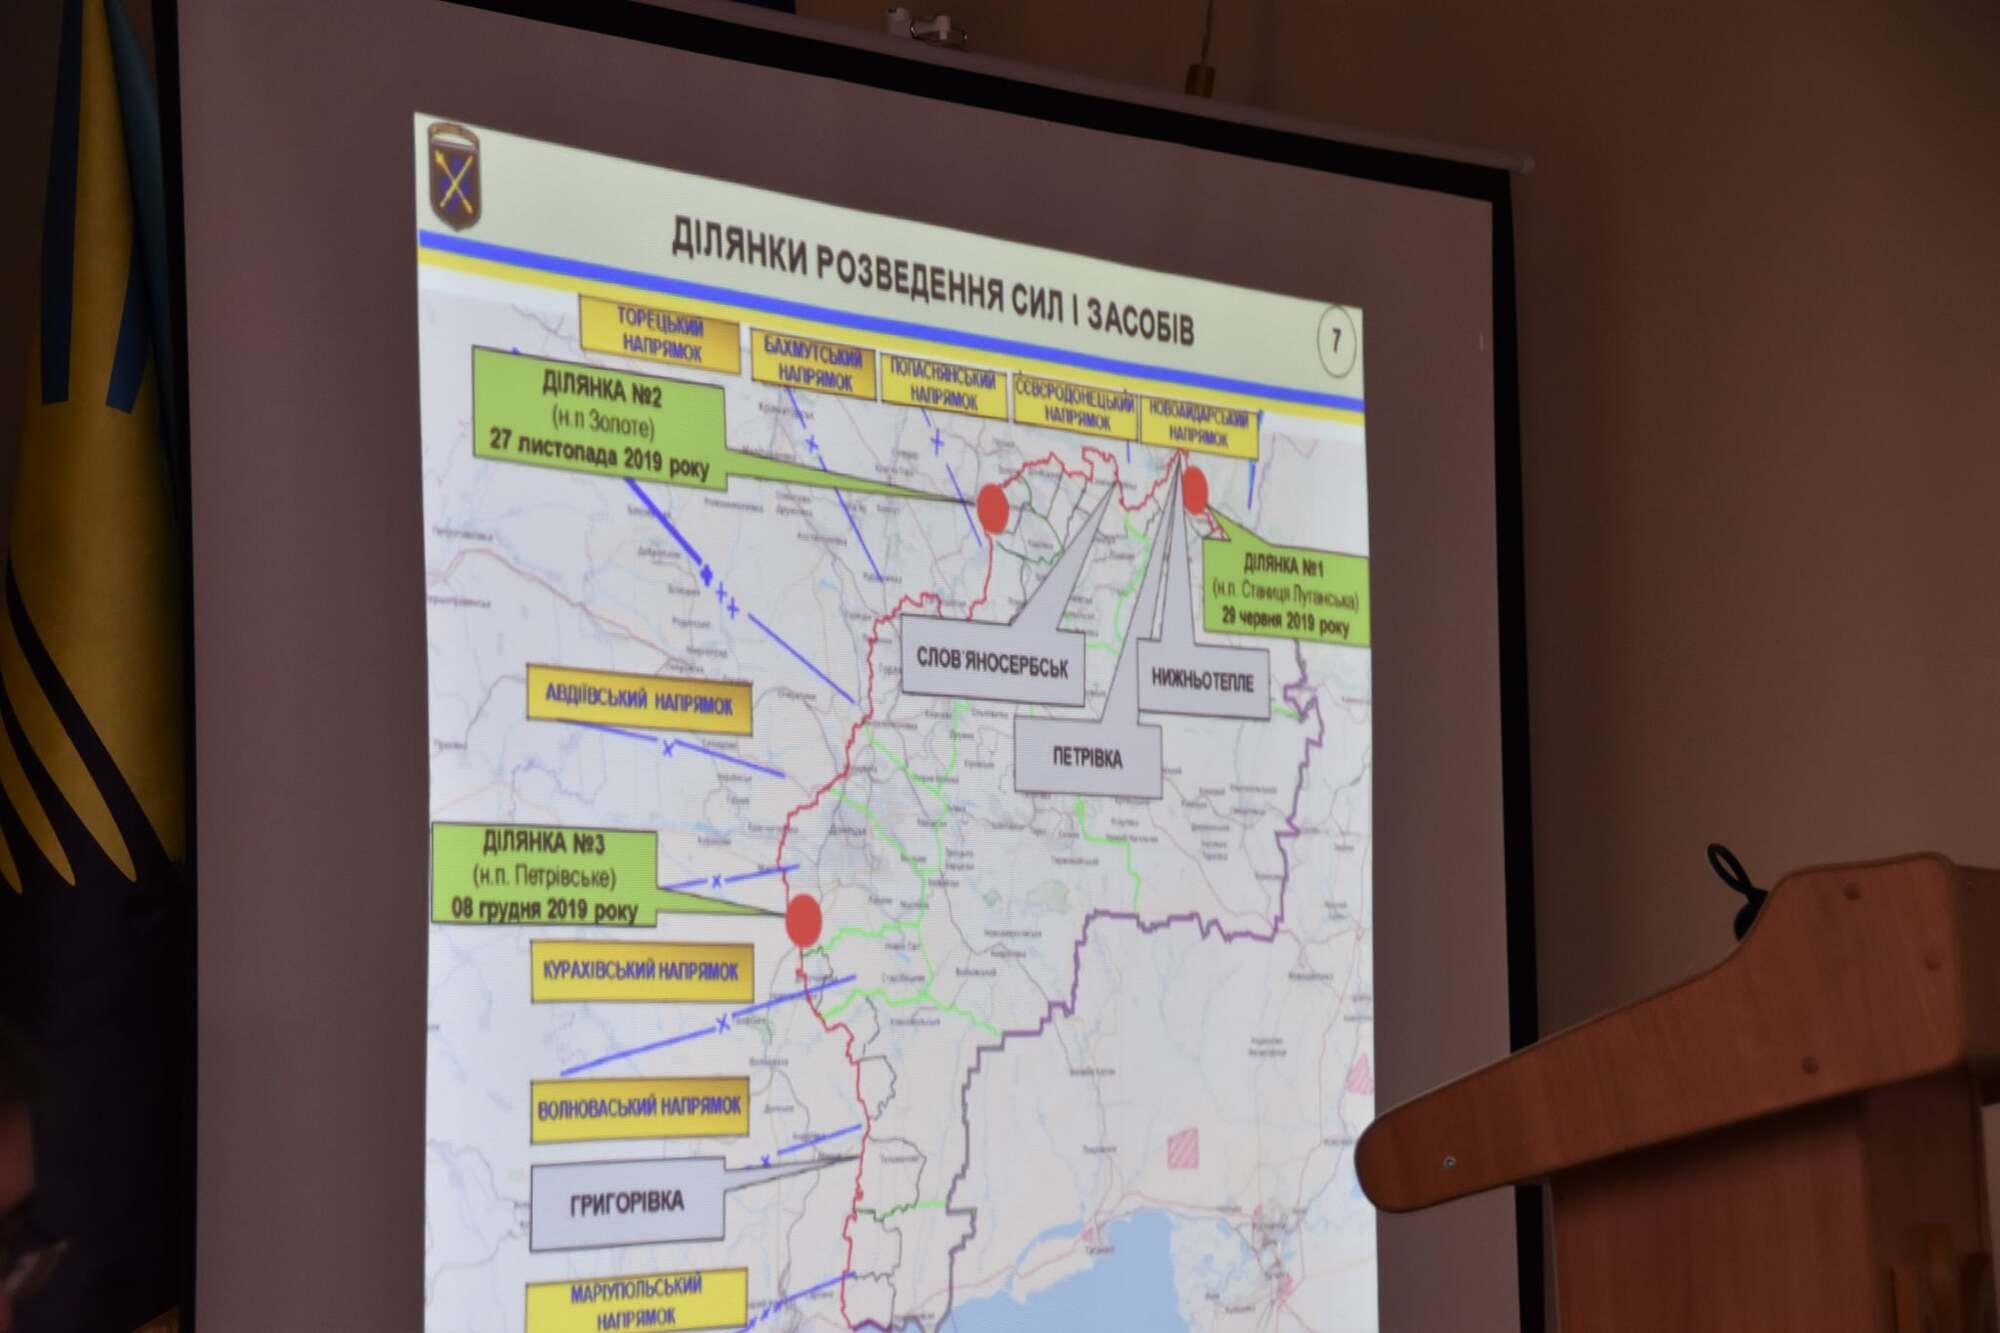 Карта ділянок розведення сил на Донбасі.